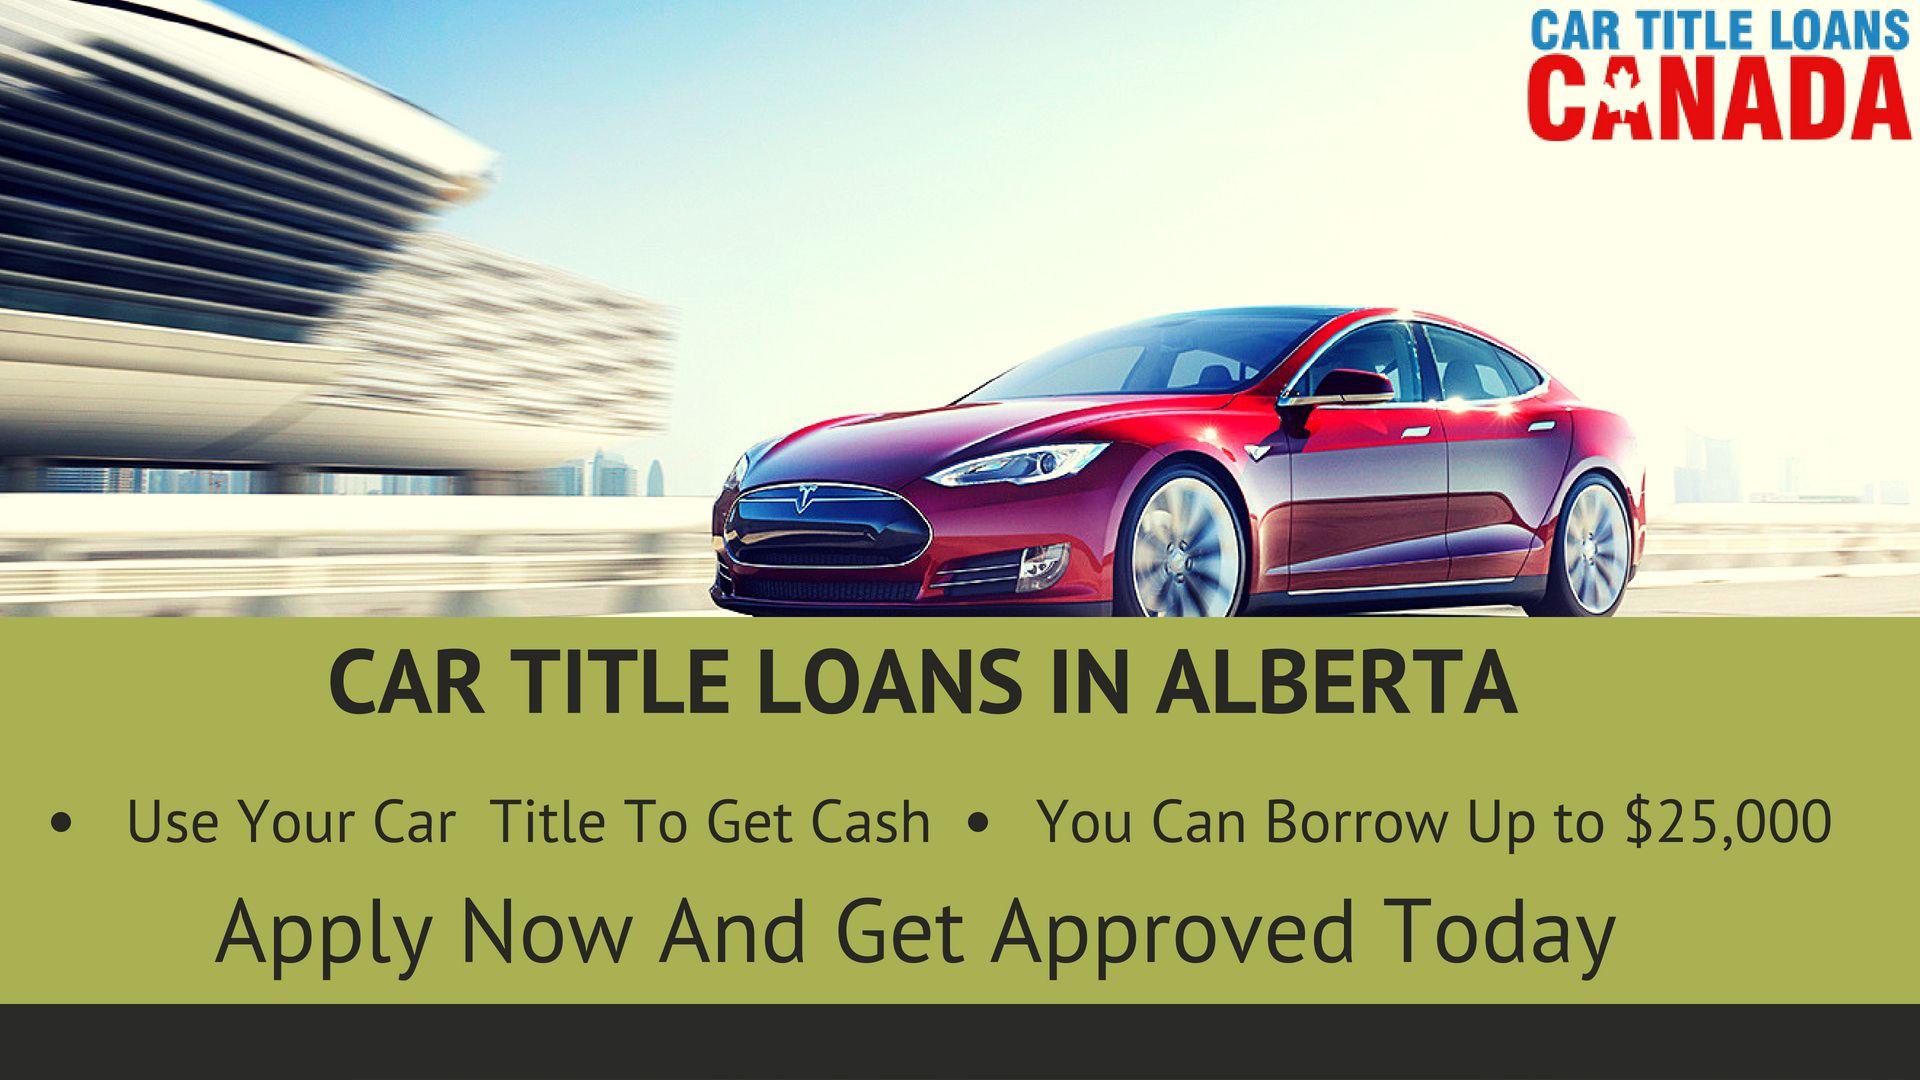 Car Title Loans In Edmonton, Alberta Vehicle Title Loans